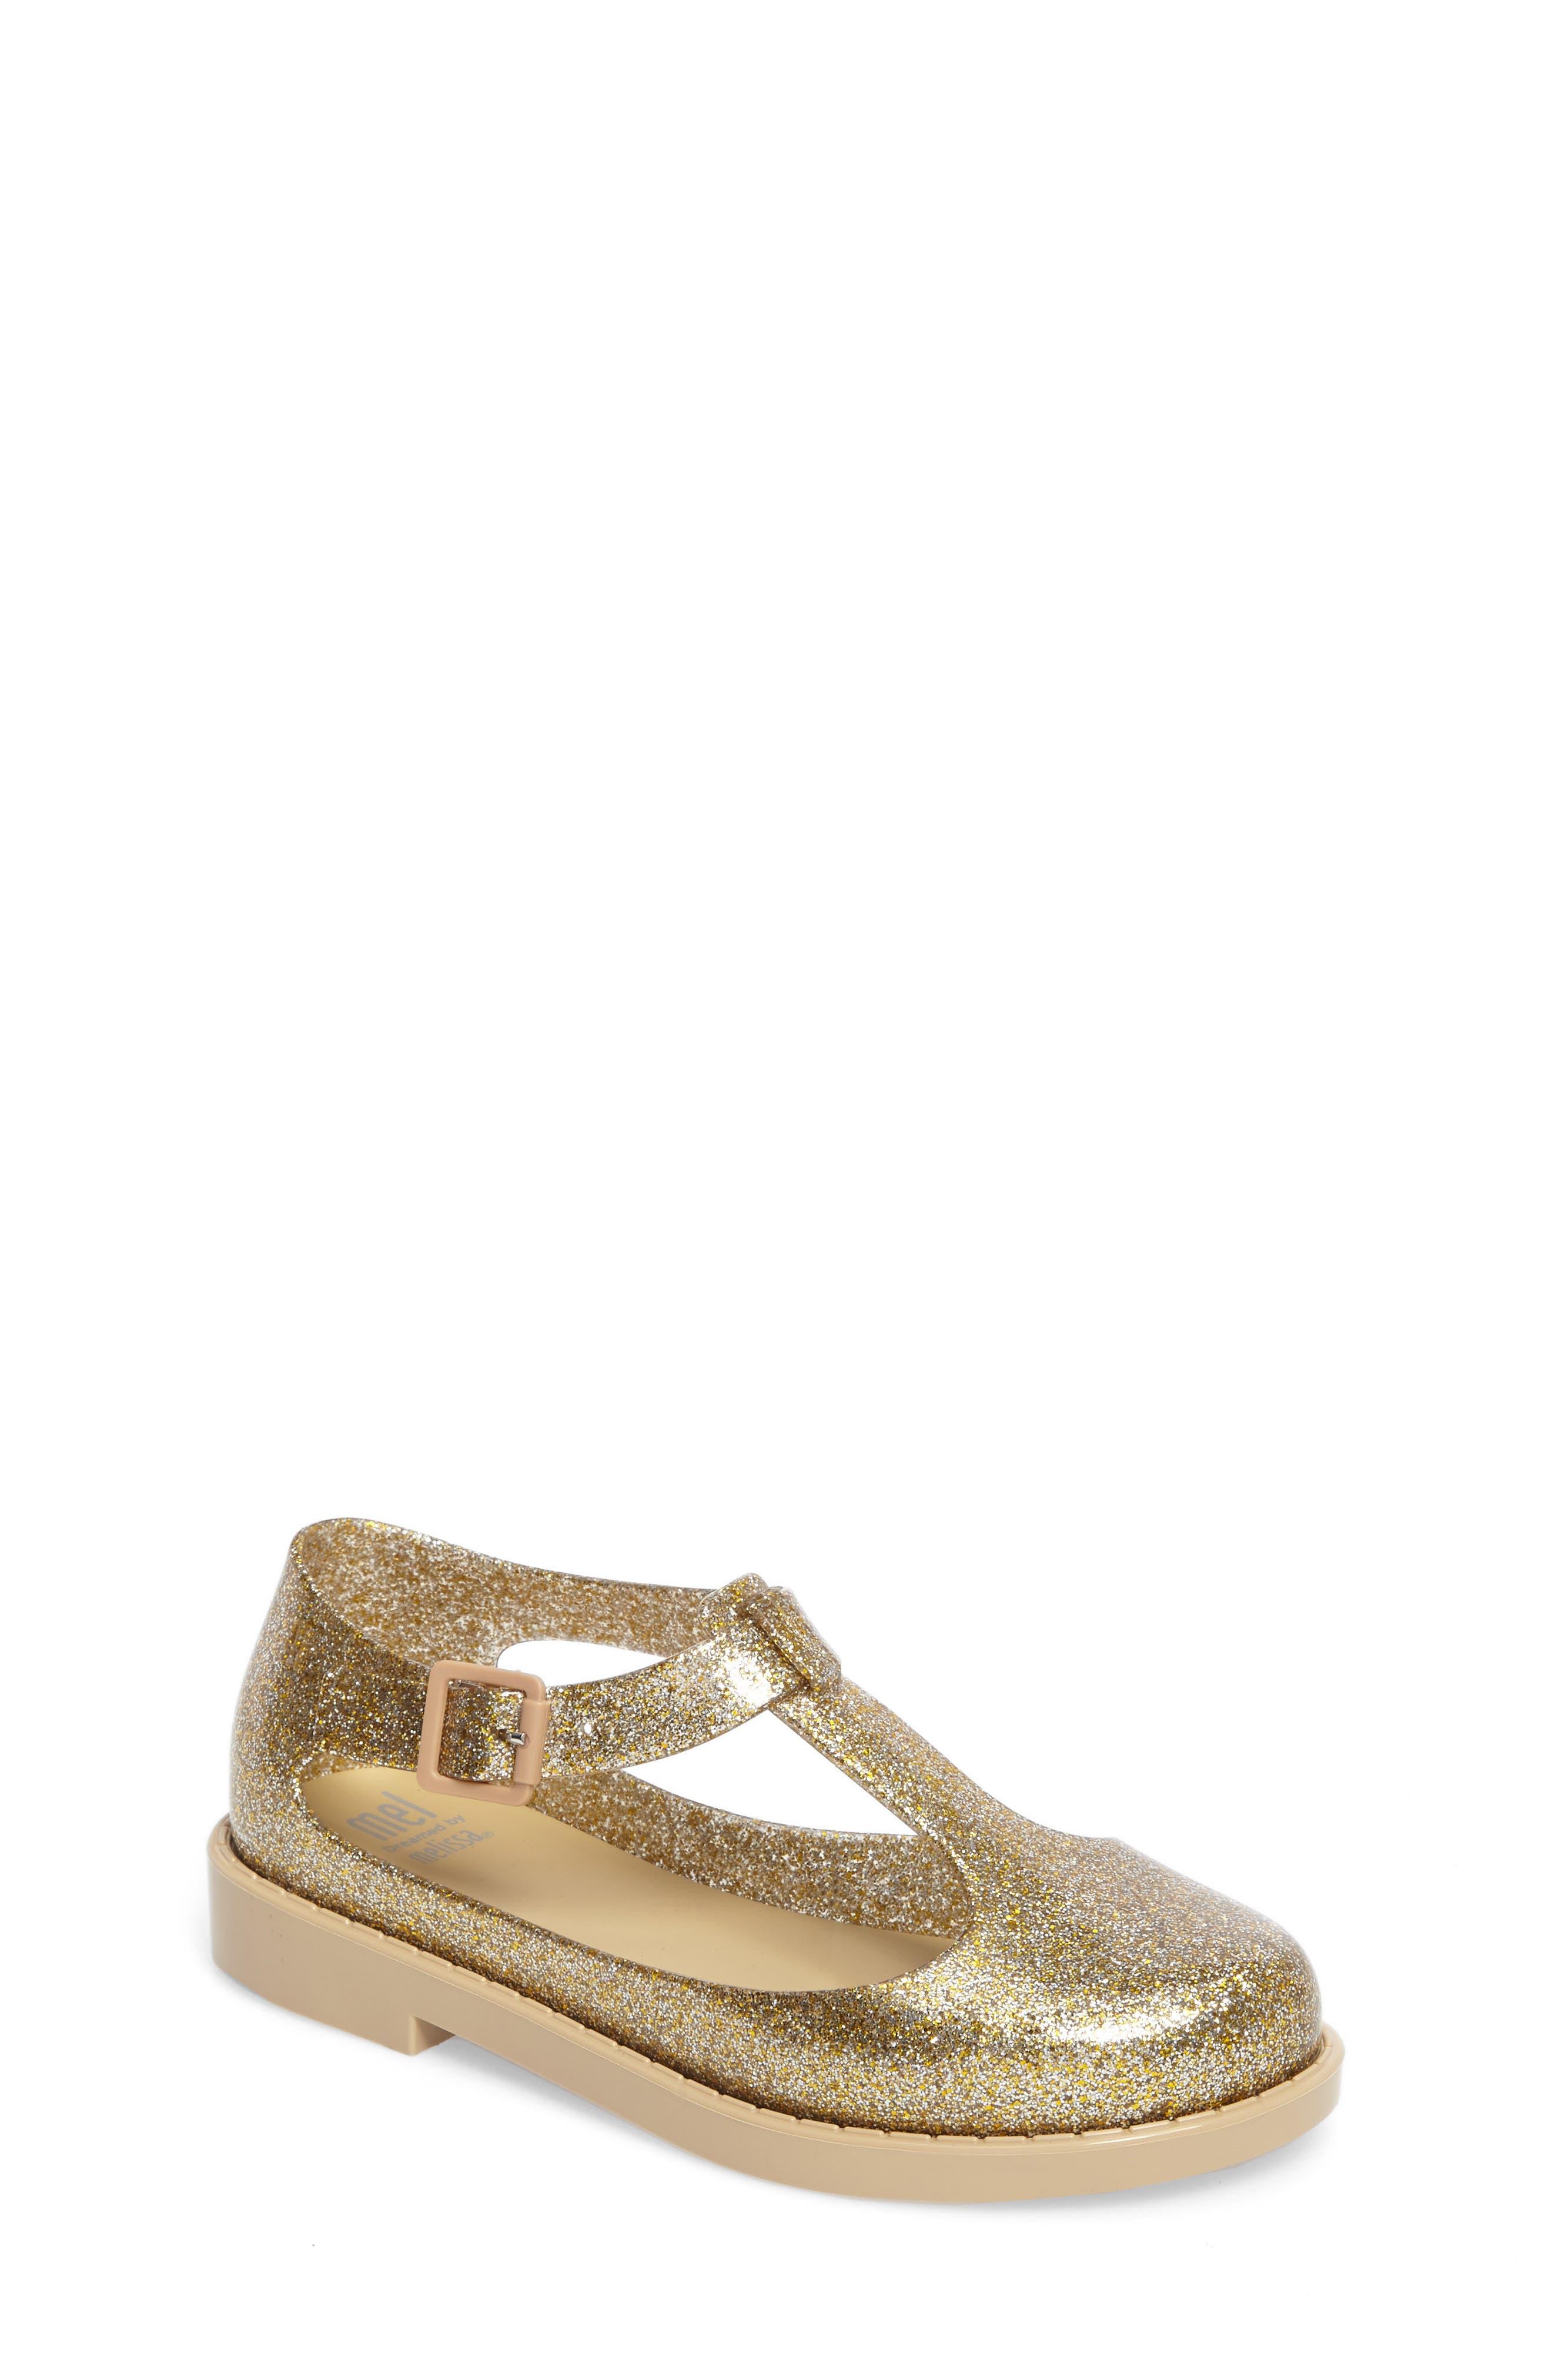 Kazakova T-Strap Flat,                             Main thumbnail 1, color,                             Gold Glass Glitter